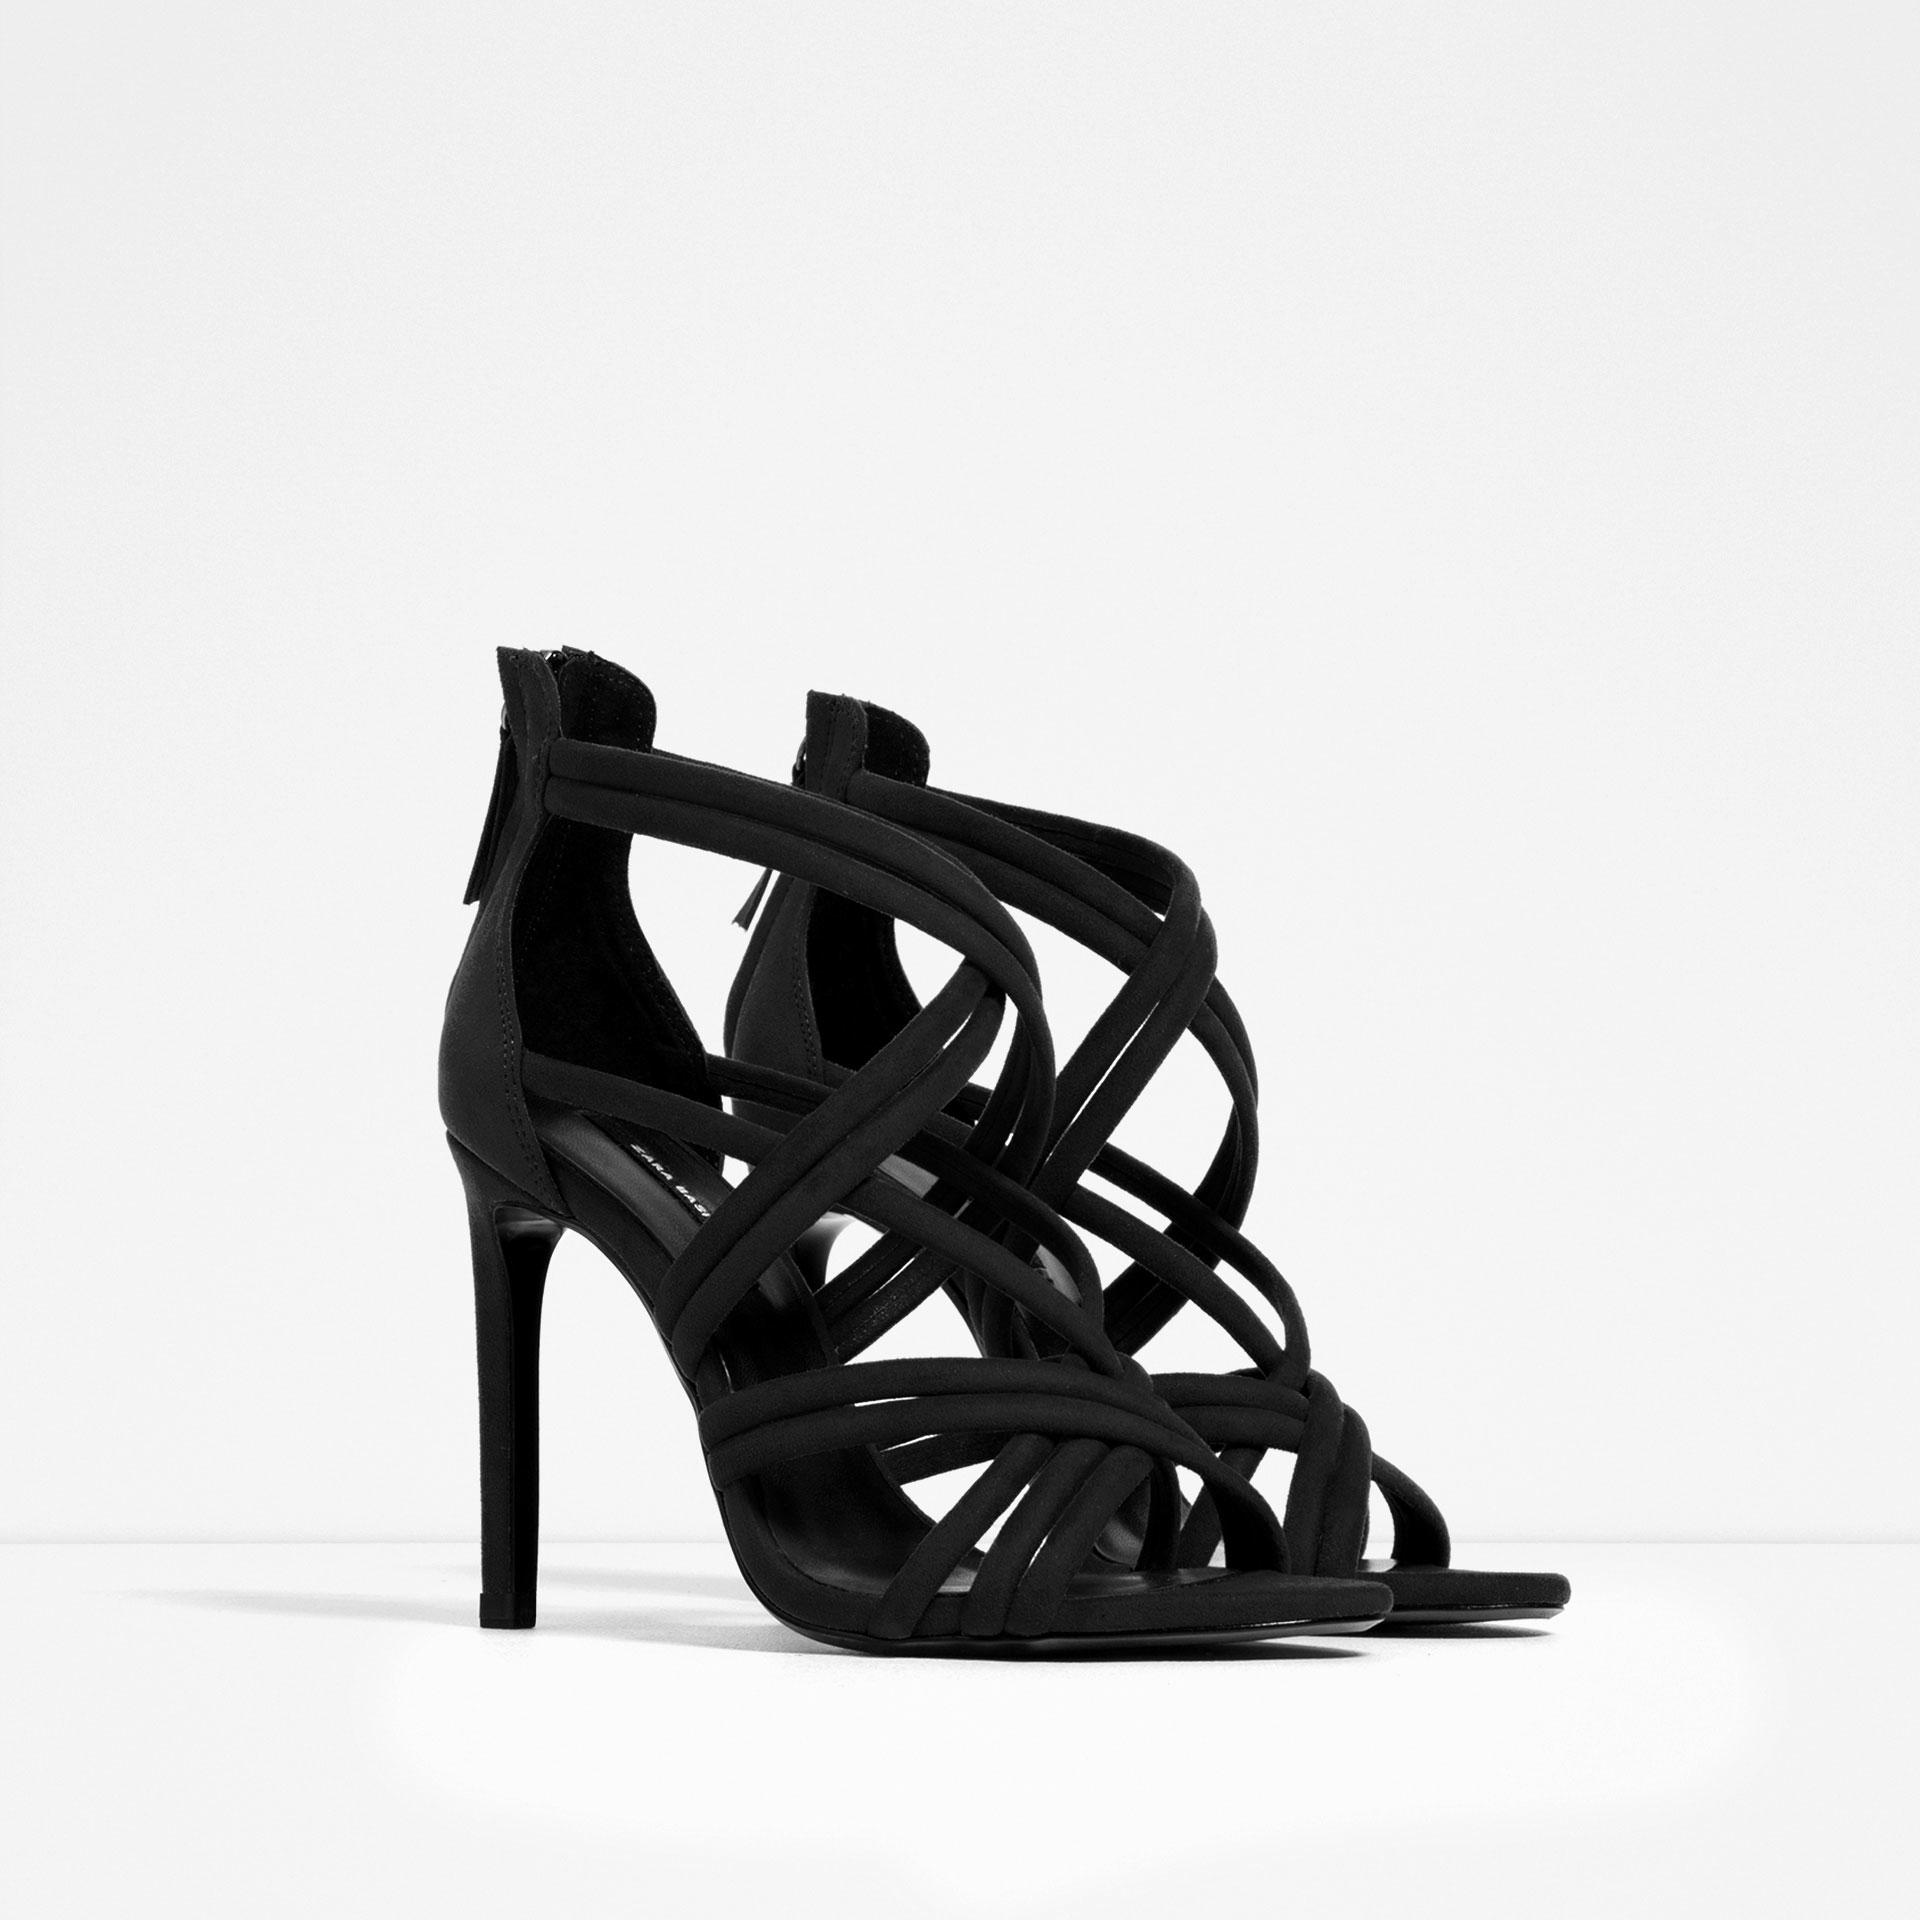 Zara High Heel Strappy Sandals in Black | Lyst